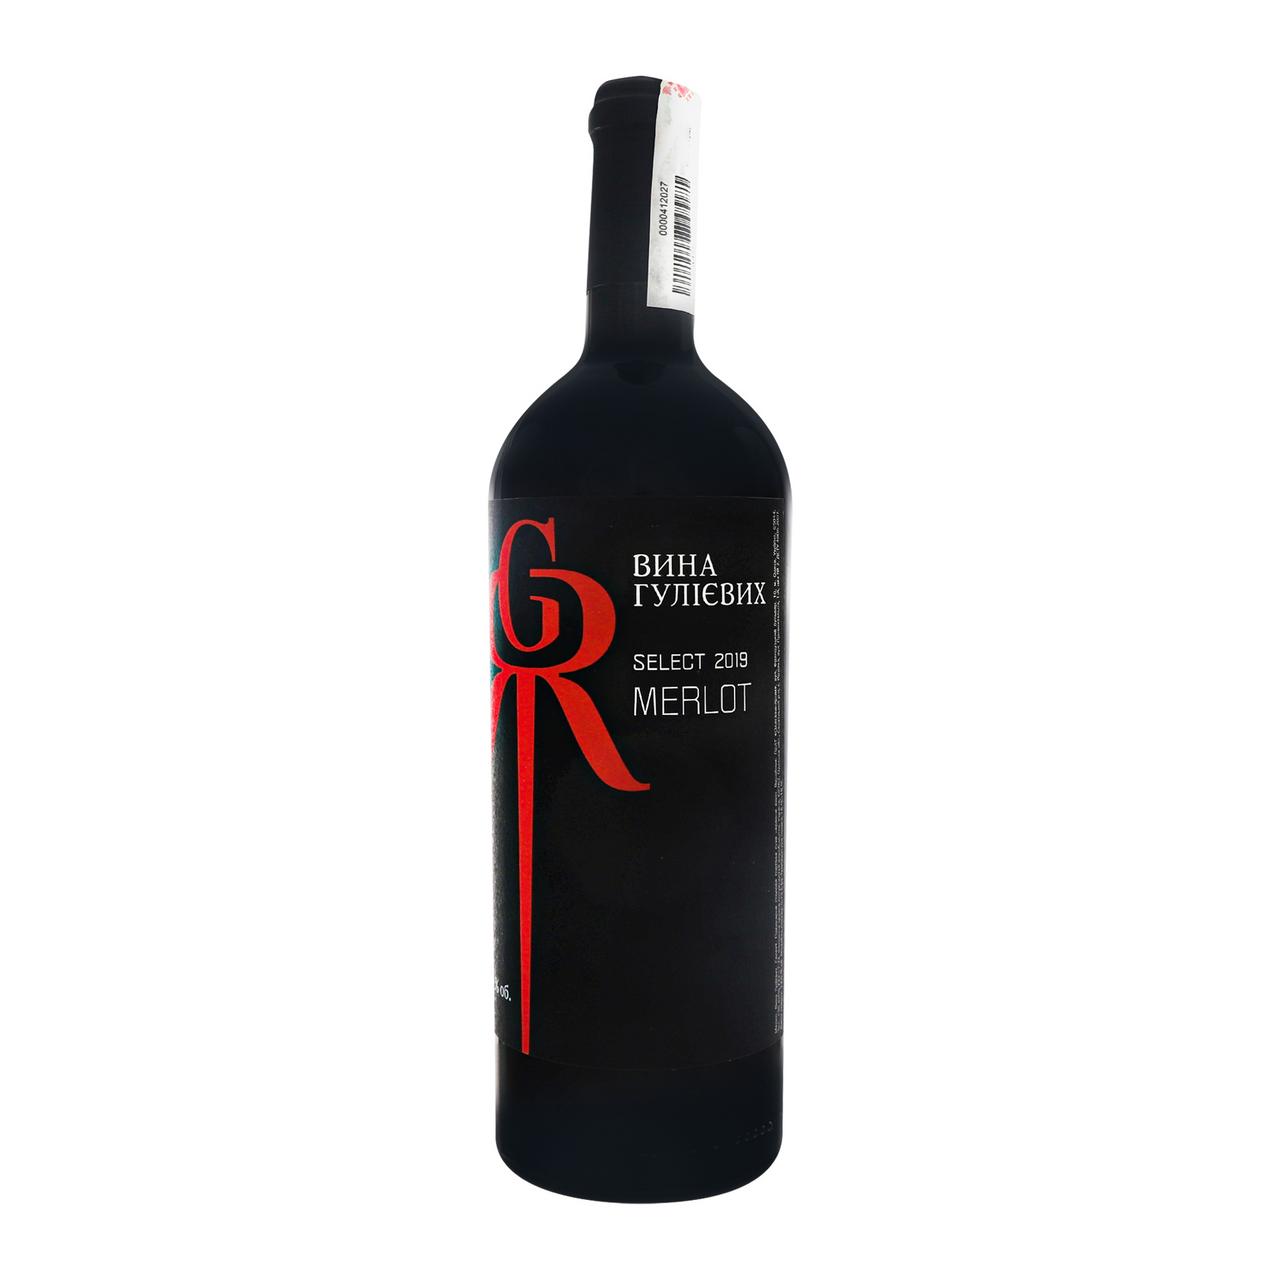 Вино Вина Гулієвих Select Merlot червоне сухе 12.5% 0.75л